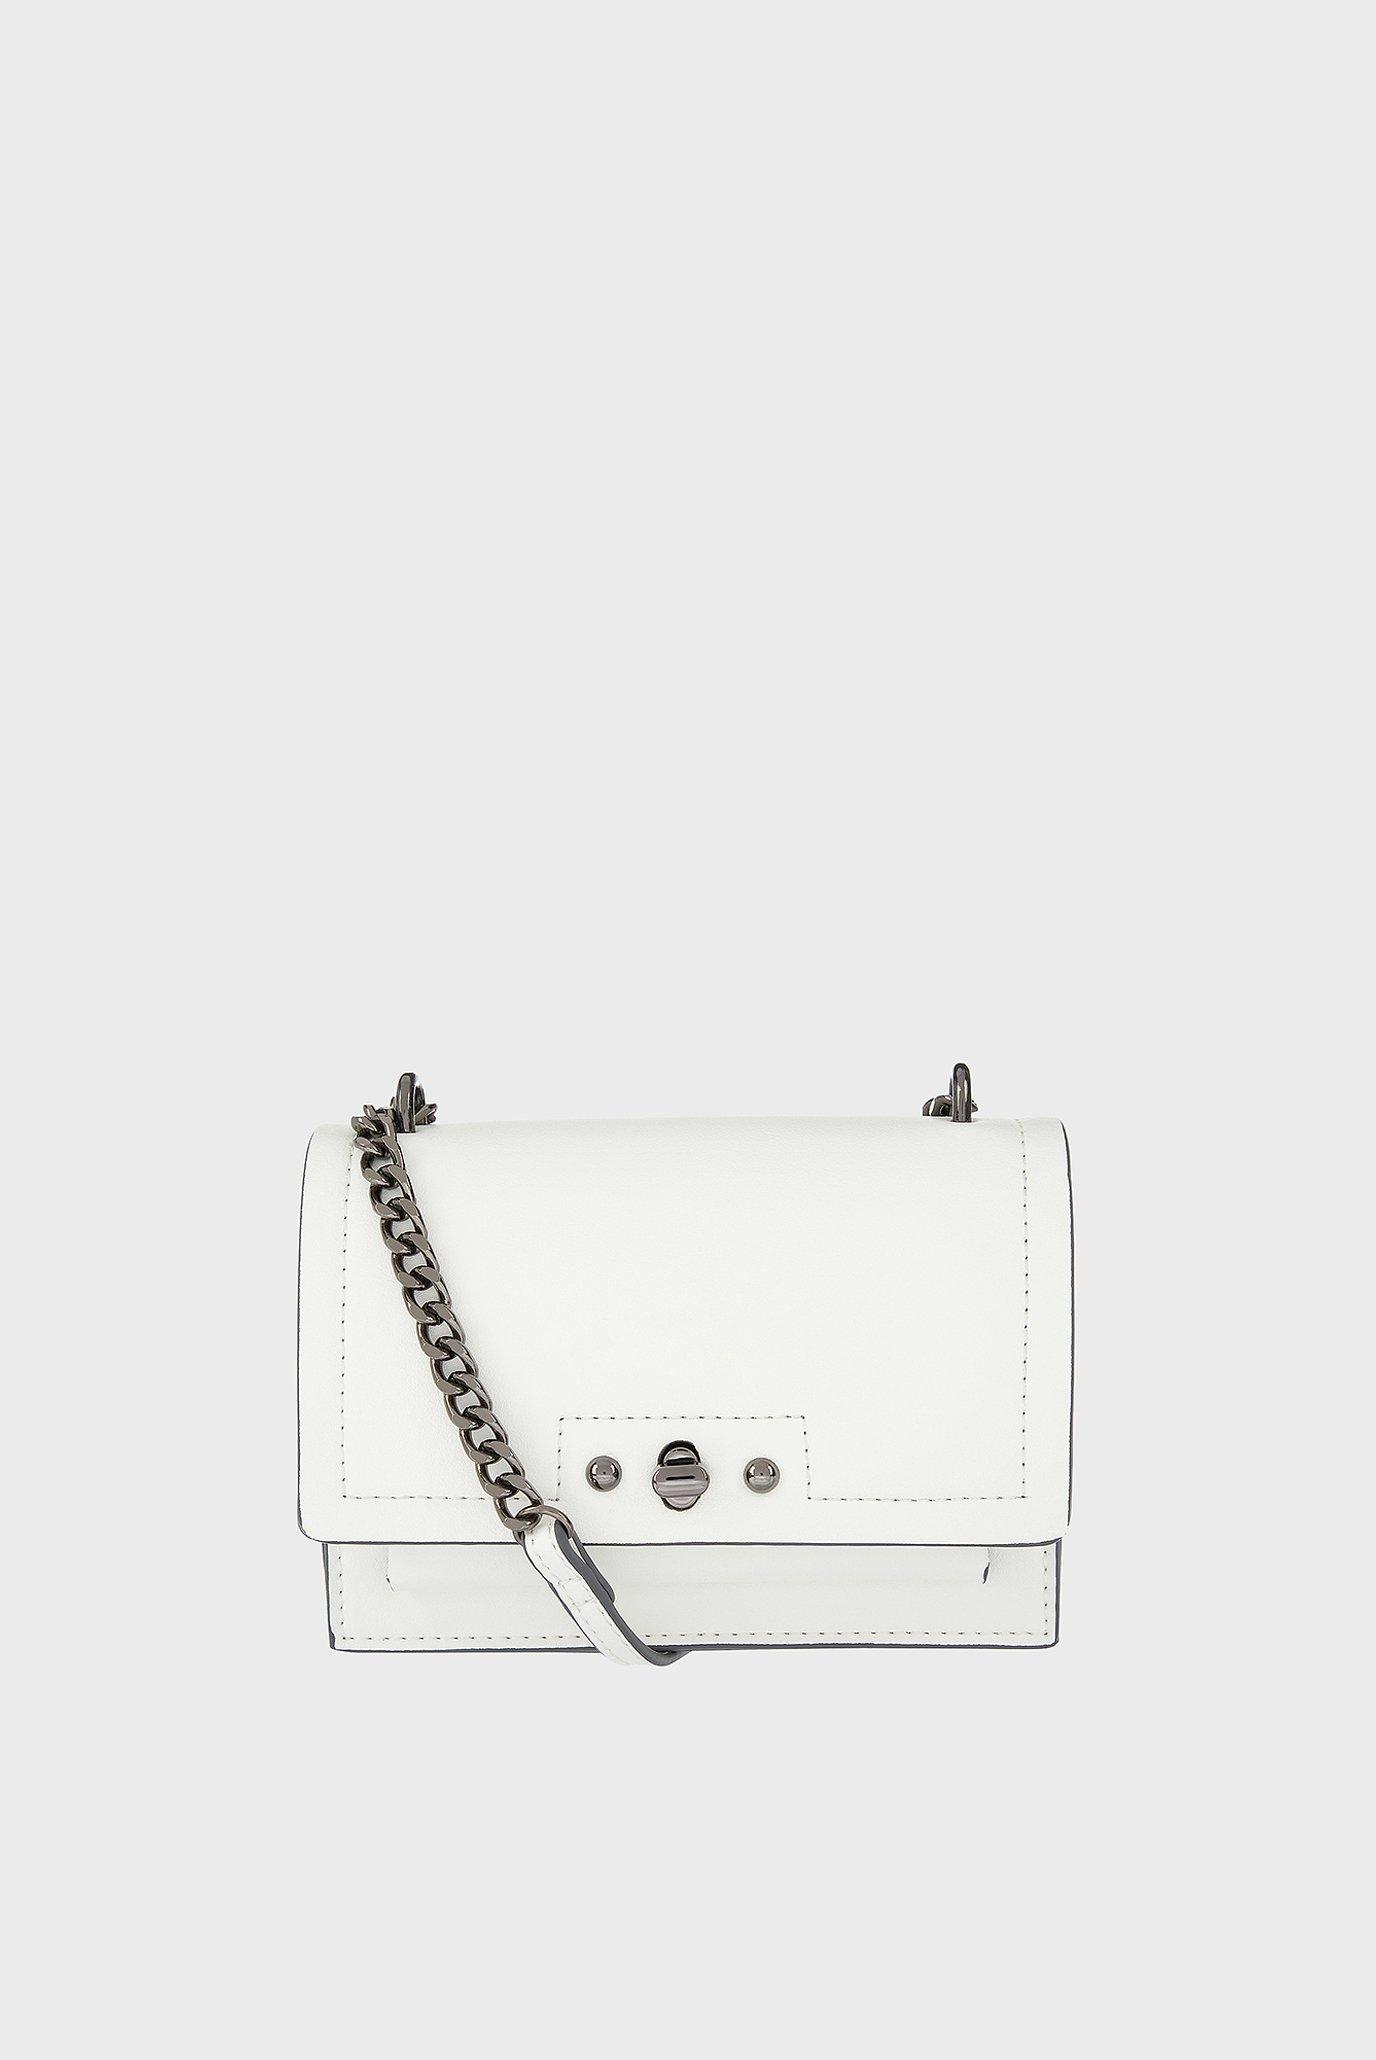 581bd4a23887 Купить Женская белая сумка через плечо Accessorize Accessorize 490421 –  Киев, Украина. Цены в интернет магазине MD Fashion